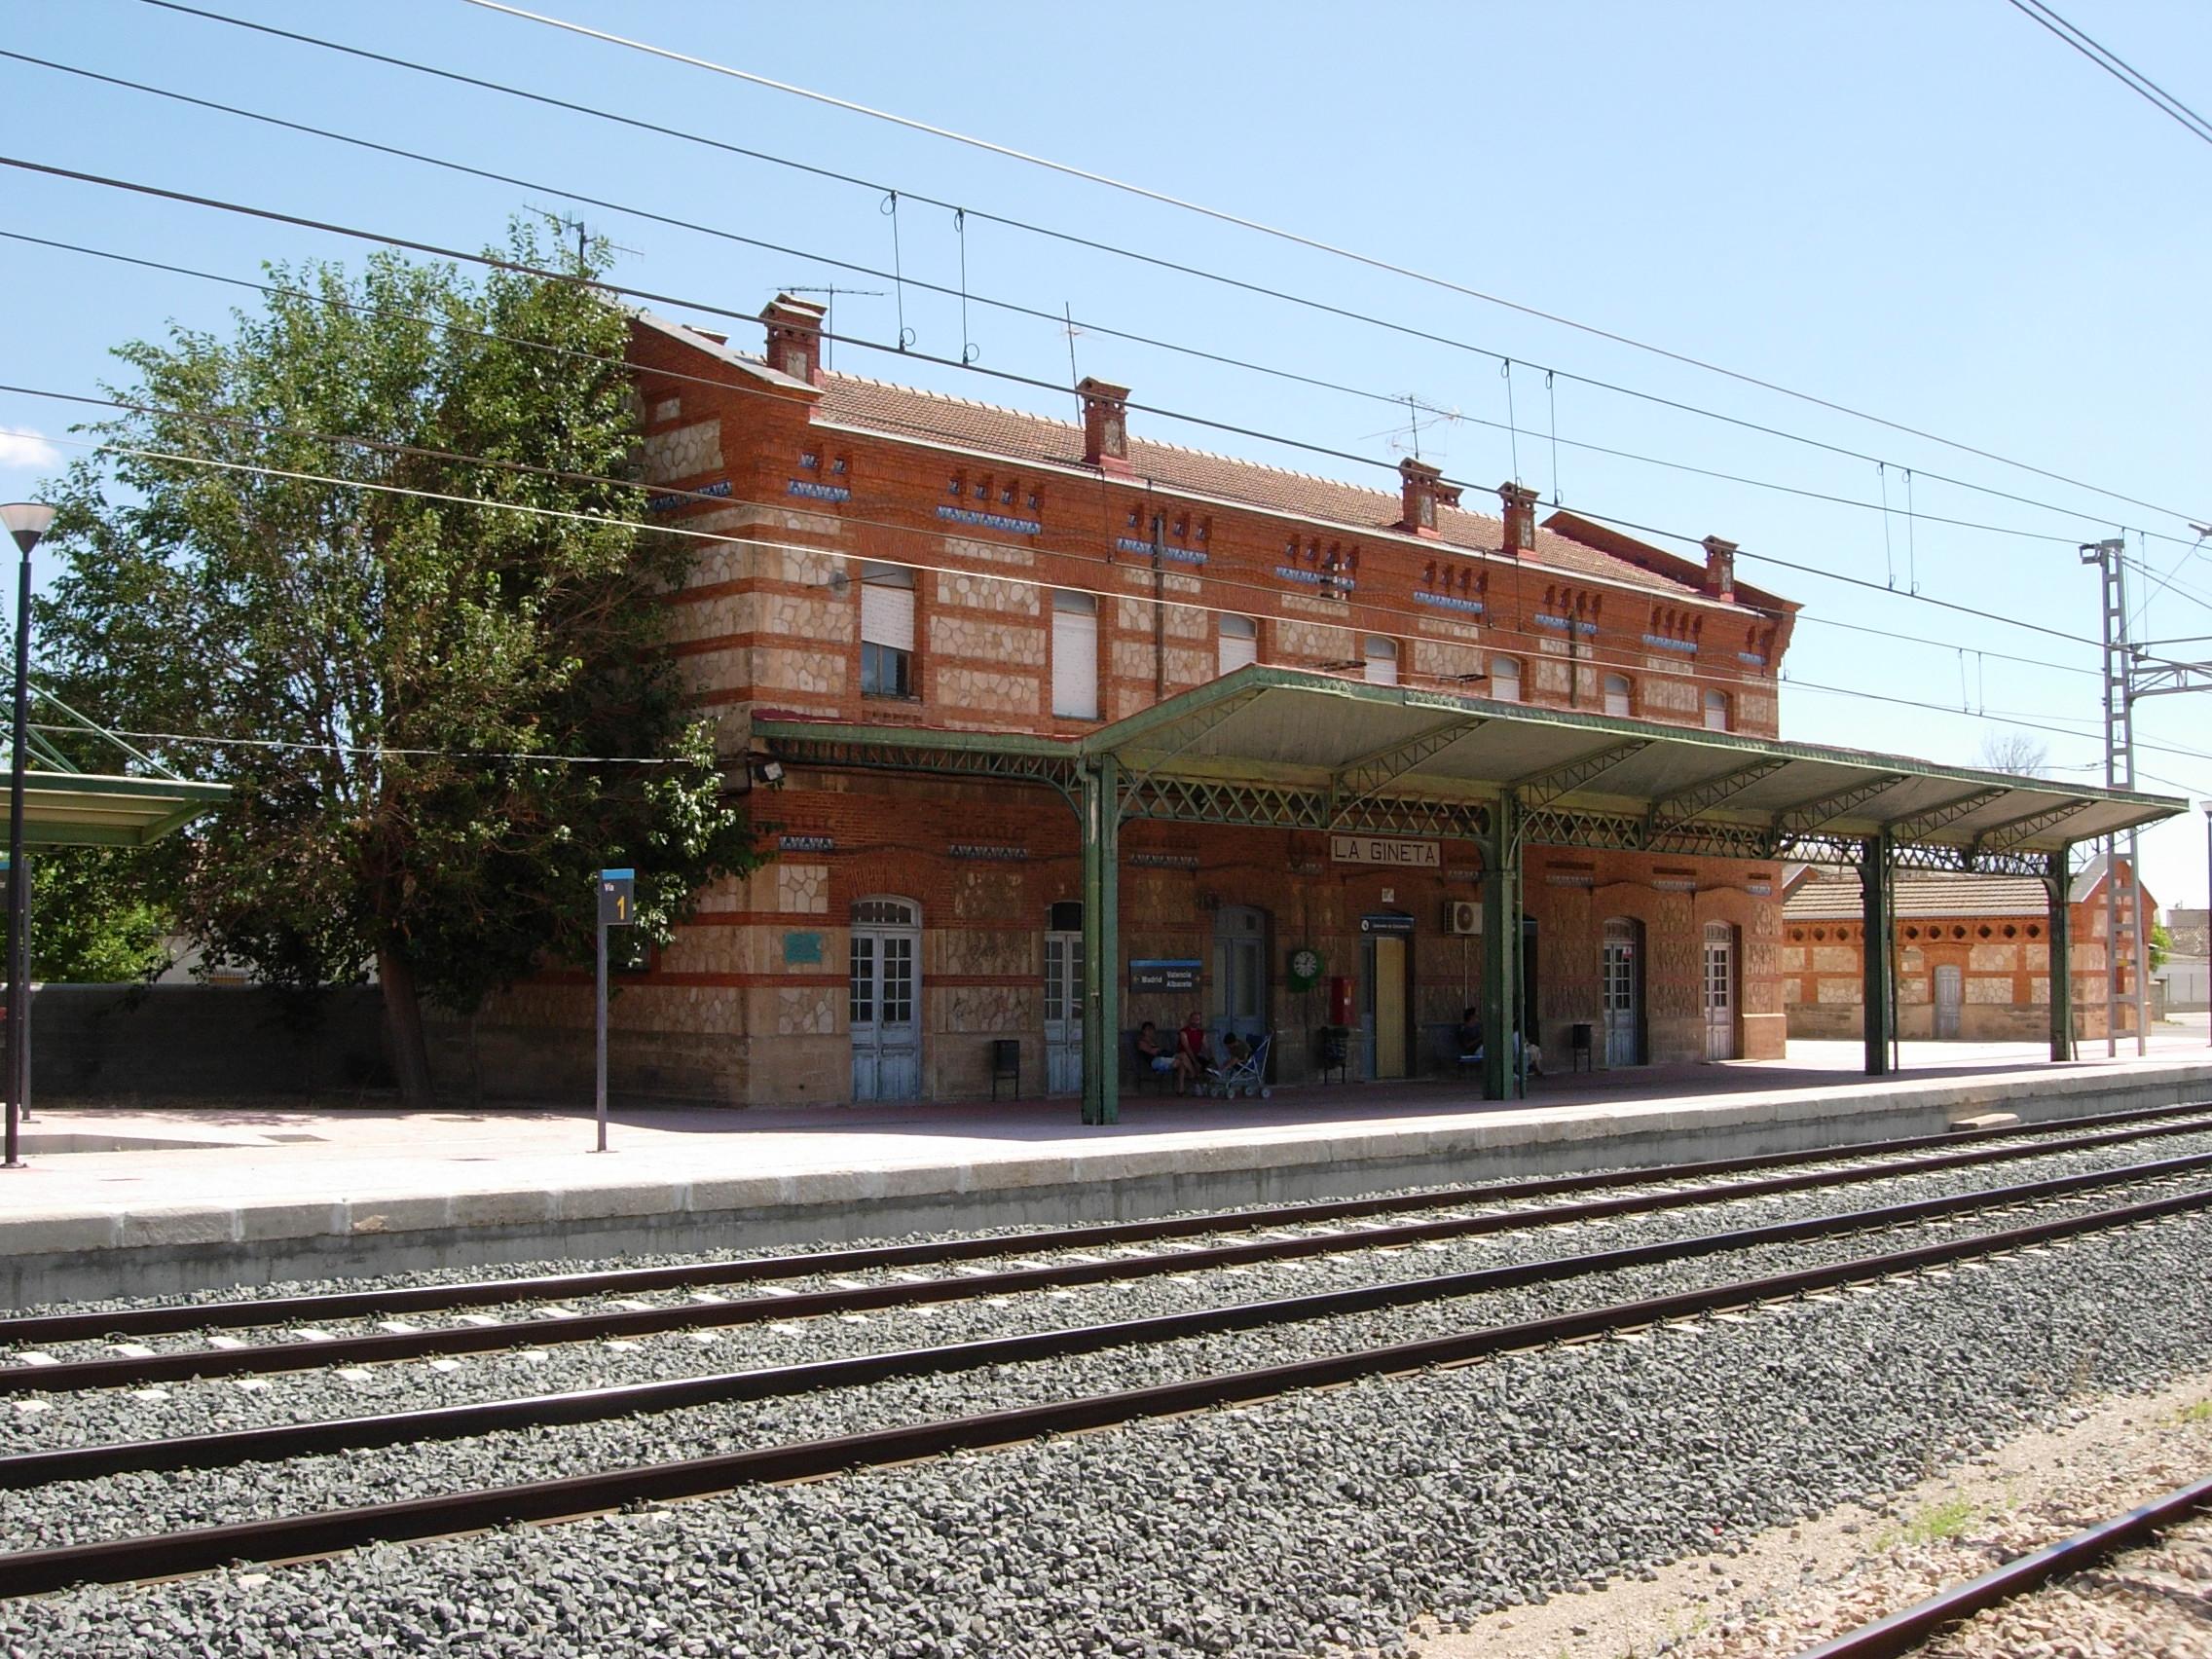 Archivo Estaci N Ferrocarril La Gineta Jpg Wikipedia La  # Muebles Gineta Albacete